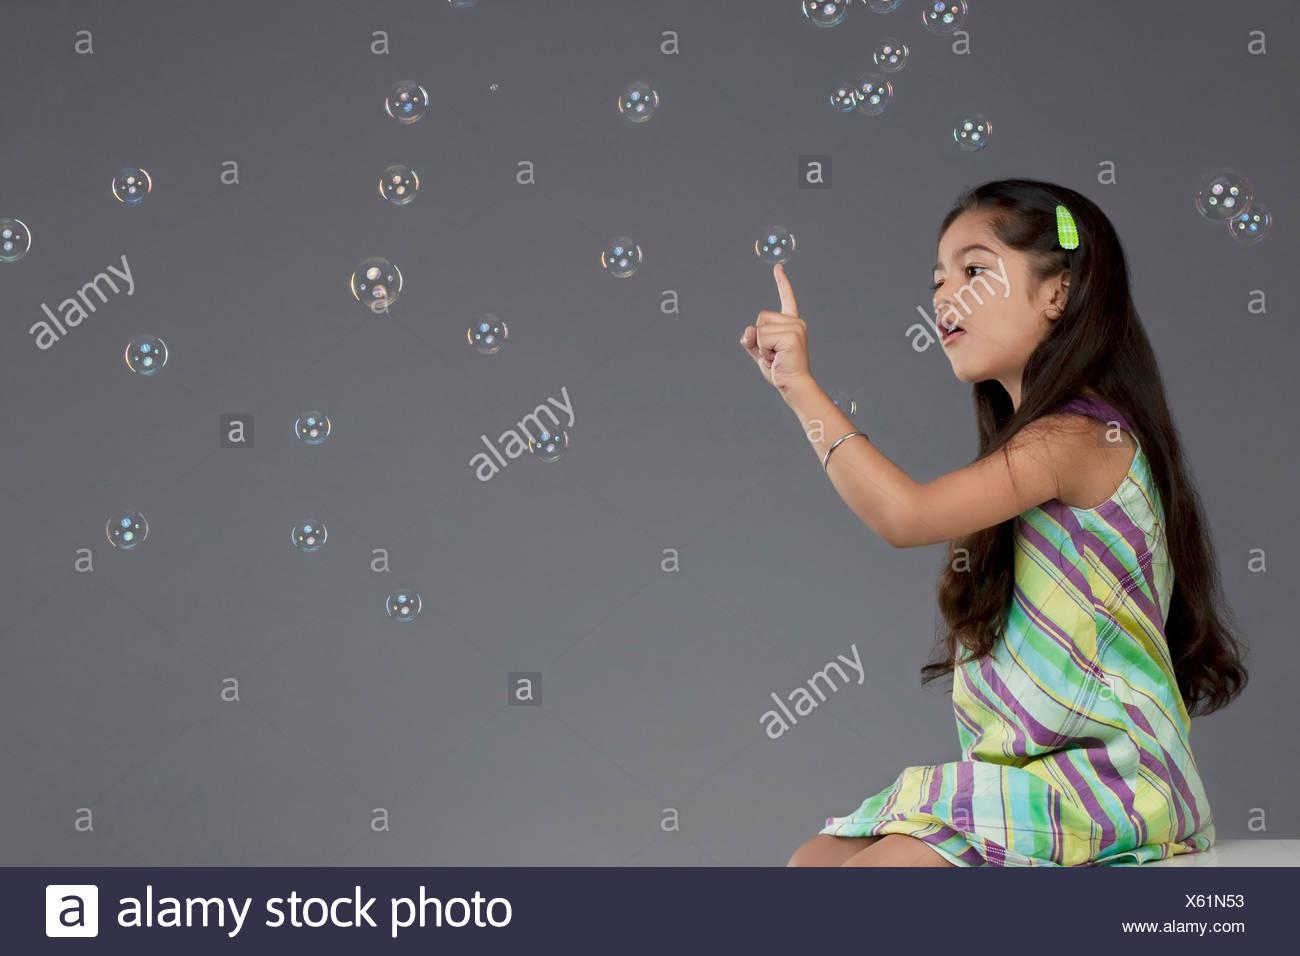 Mädchen versucht, eine Blase zu berühren Stockbild